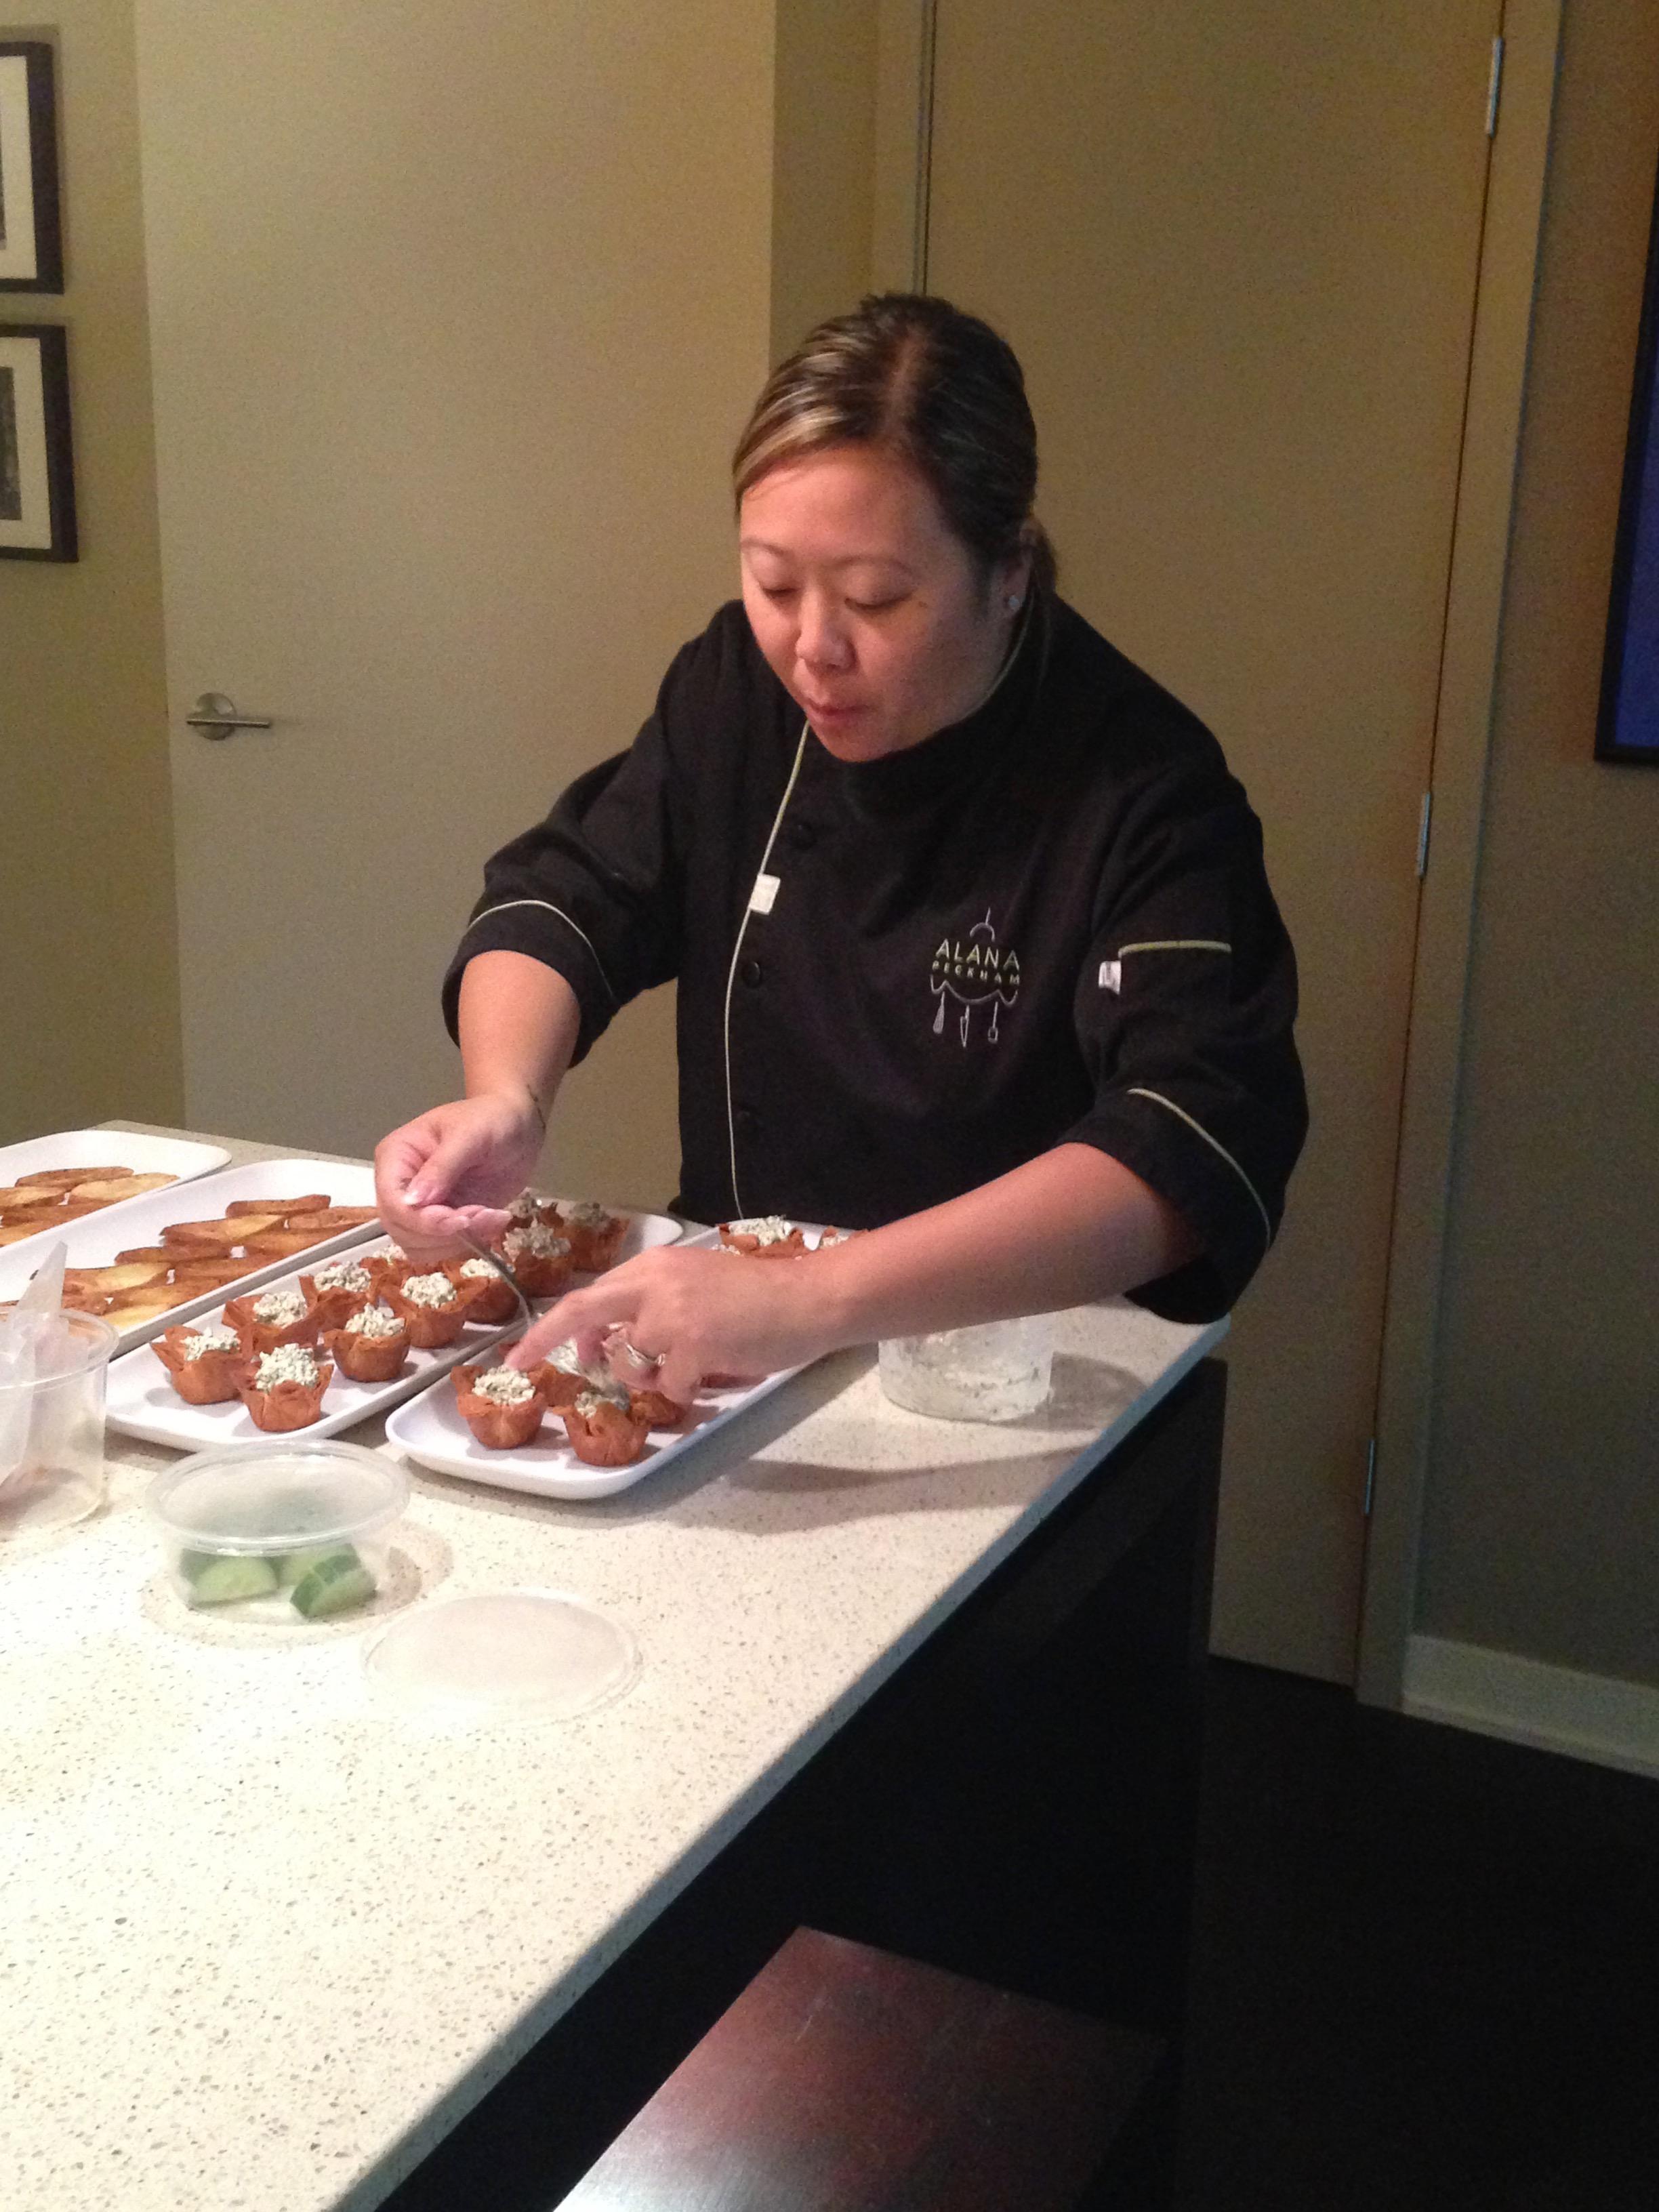 Chef Alana Hard At Work